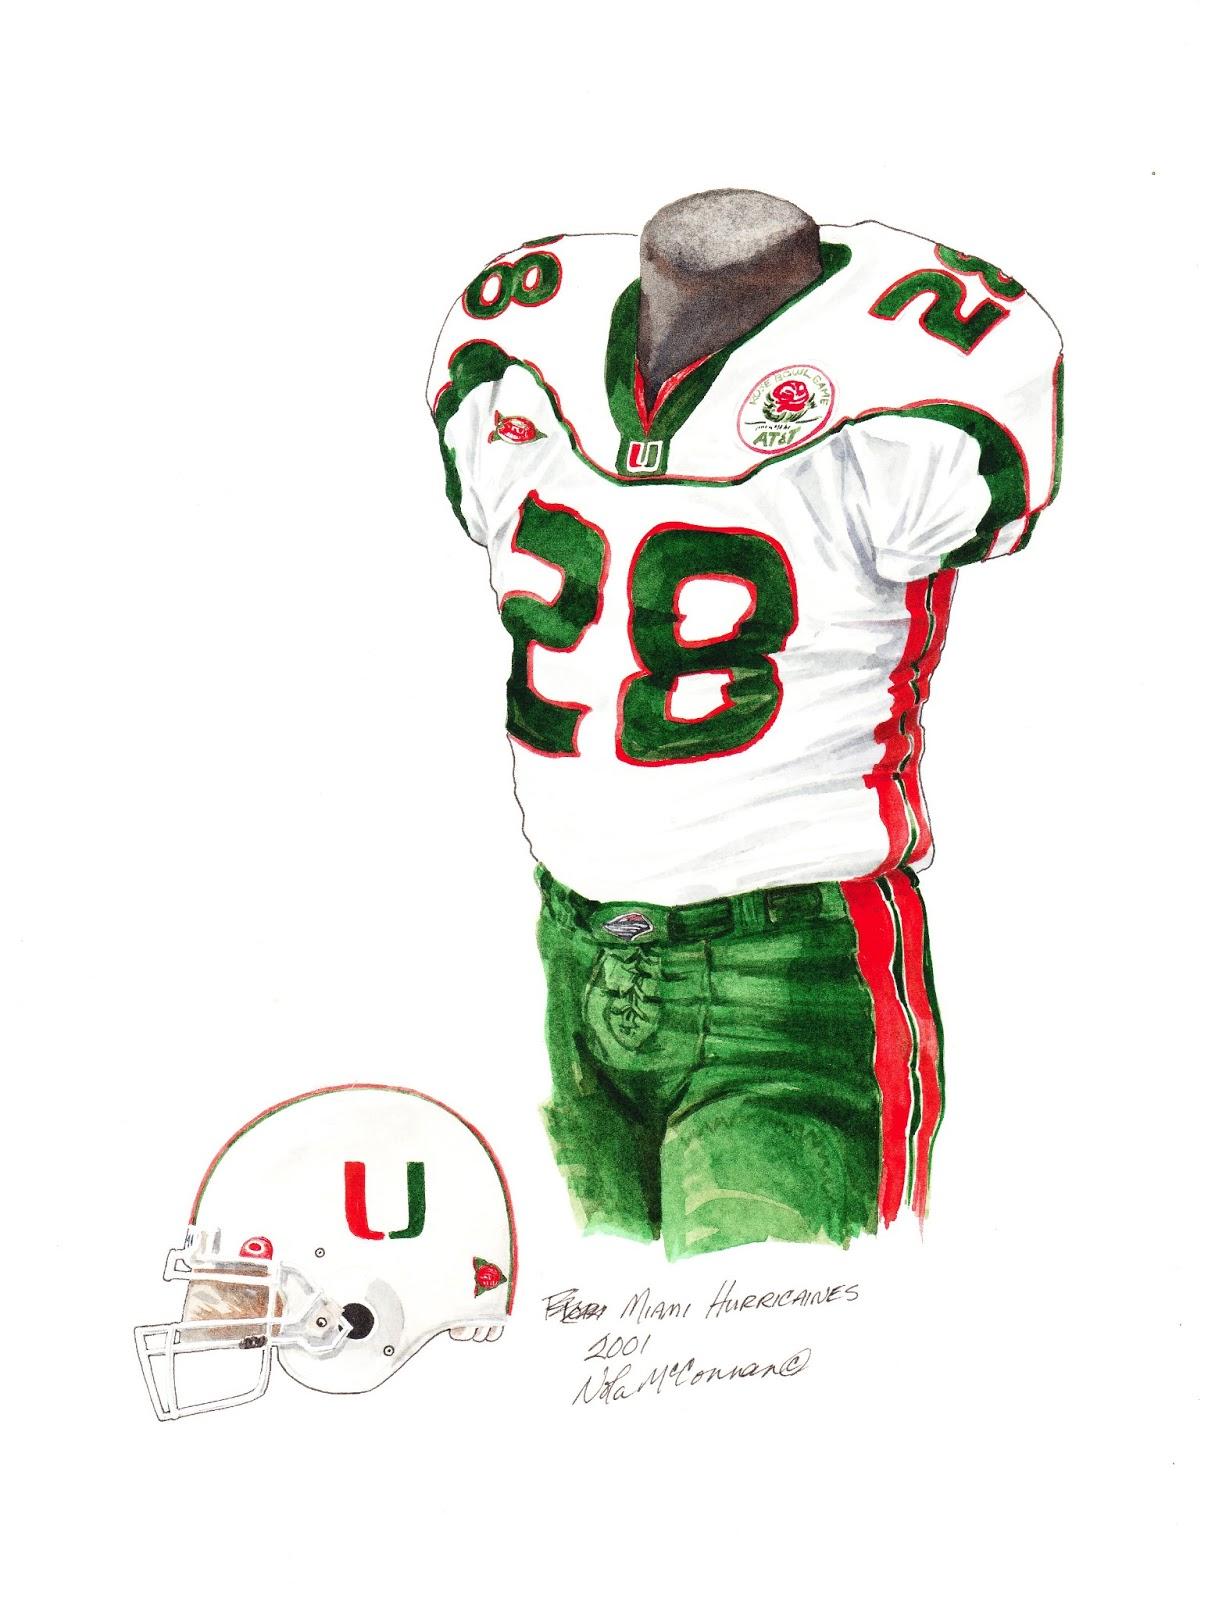 16e61e02c 2001 University of Miami Hurricanes football uniform original art for sale